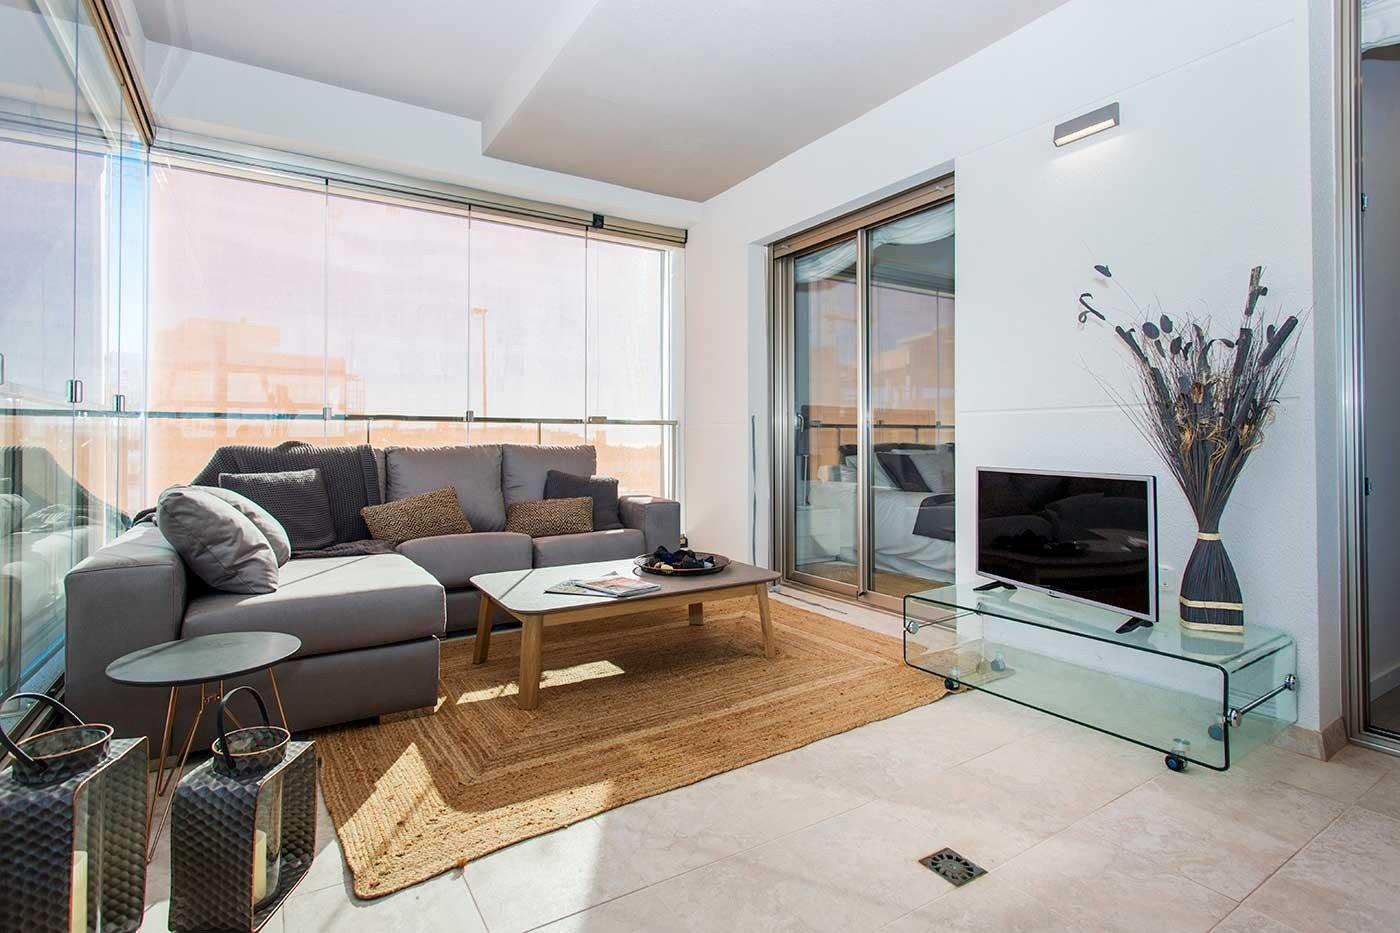 Complejo de estilo moderno con apartamentos de 2,3 dormitorios y 2 baños con amplias terra - imagenInmueble22